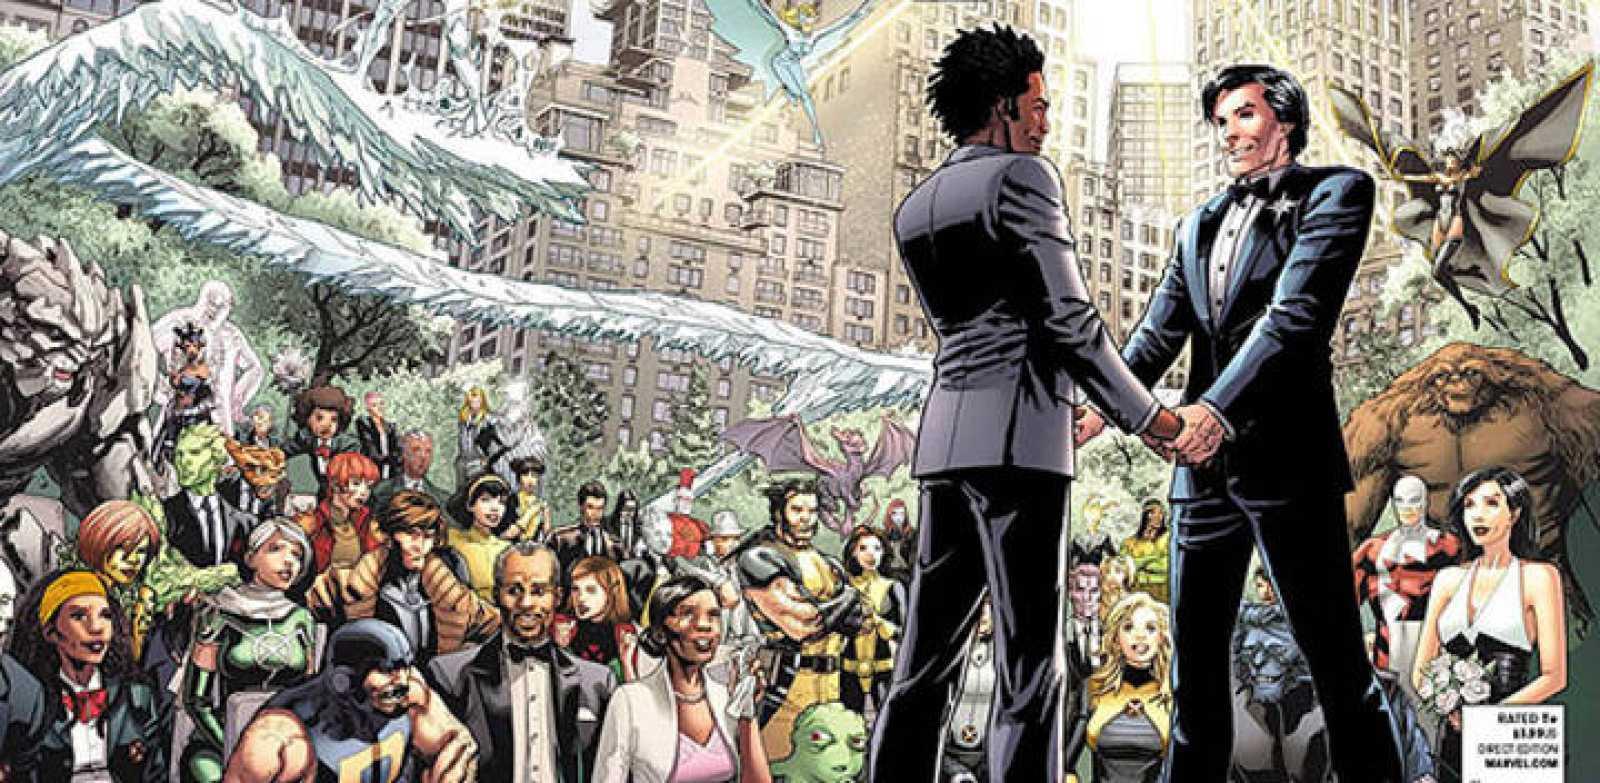 """Detalle de la portada del último número del cómic de Marvel """"Astonishing X-Men"""", con la boda de Estrella del Norte, que sale hoy miércoles a la venta en EE.UU."""